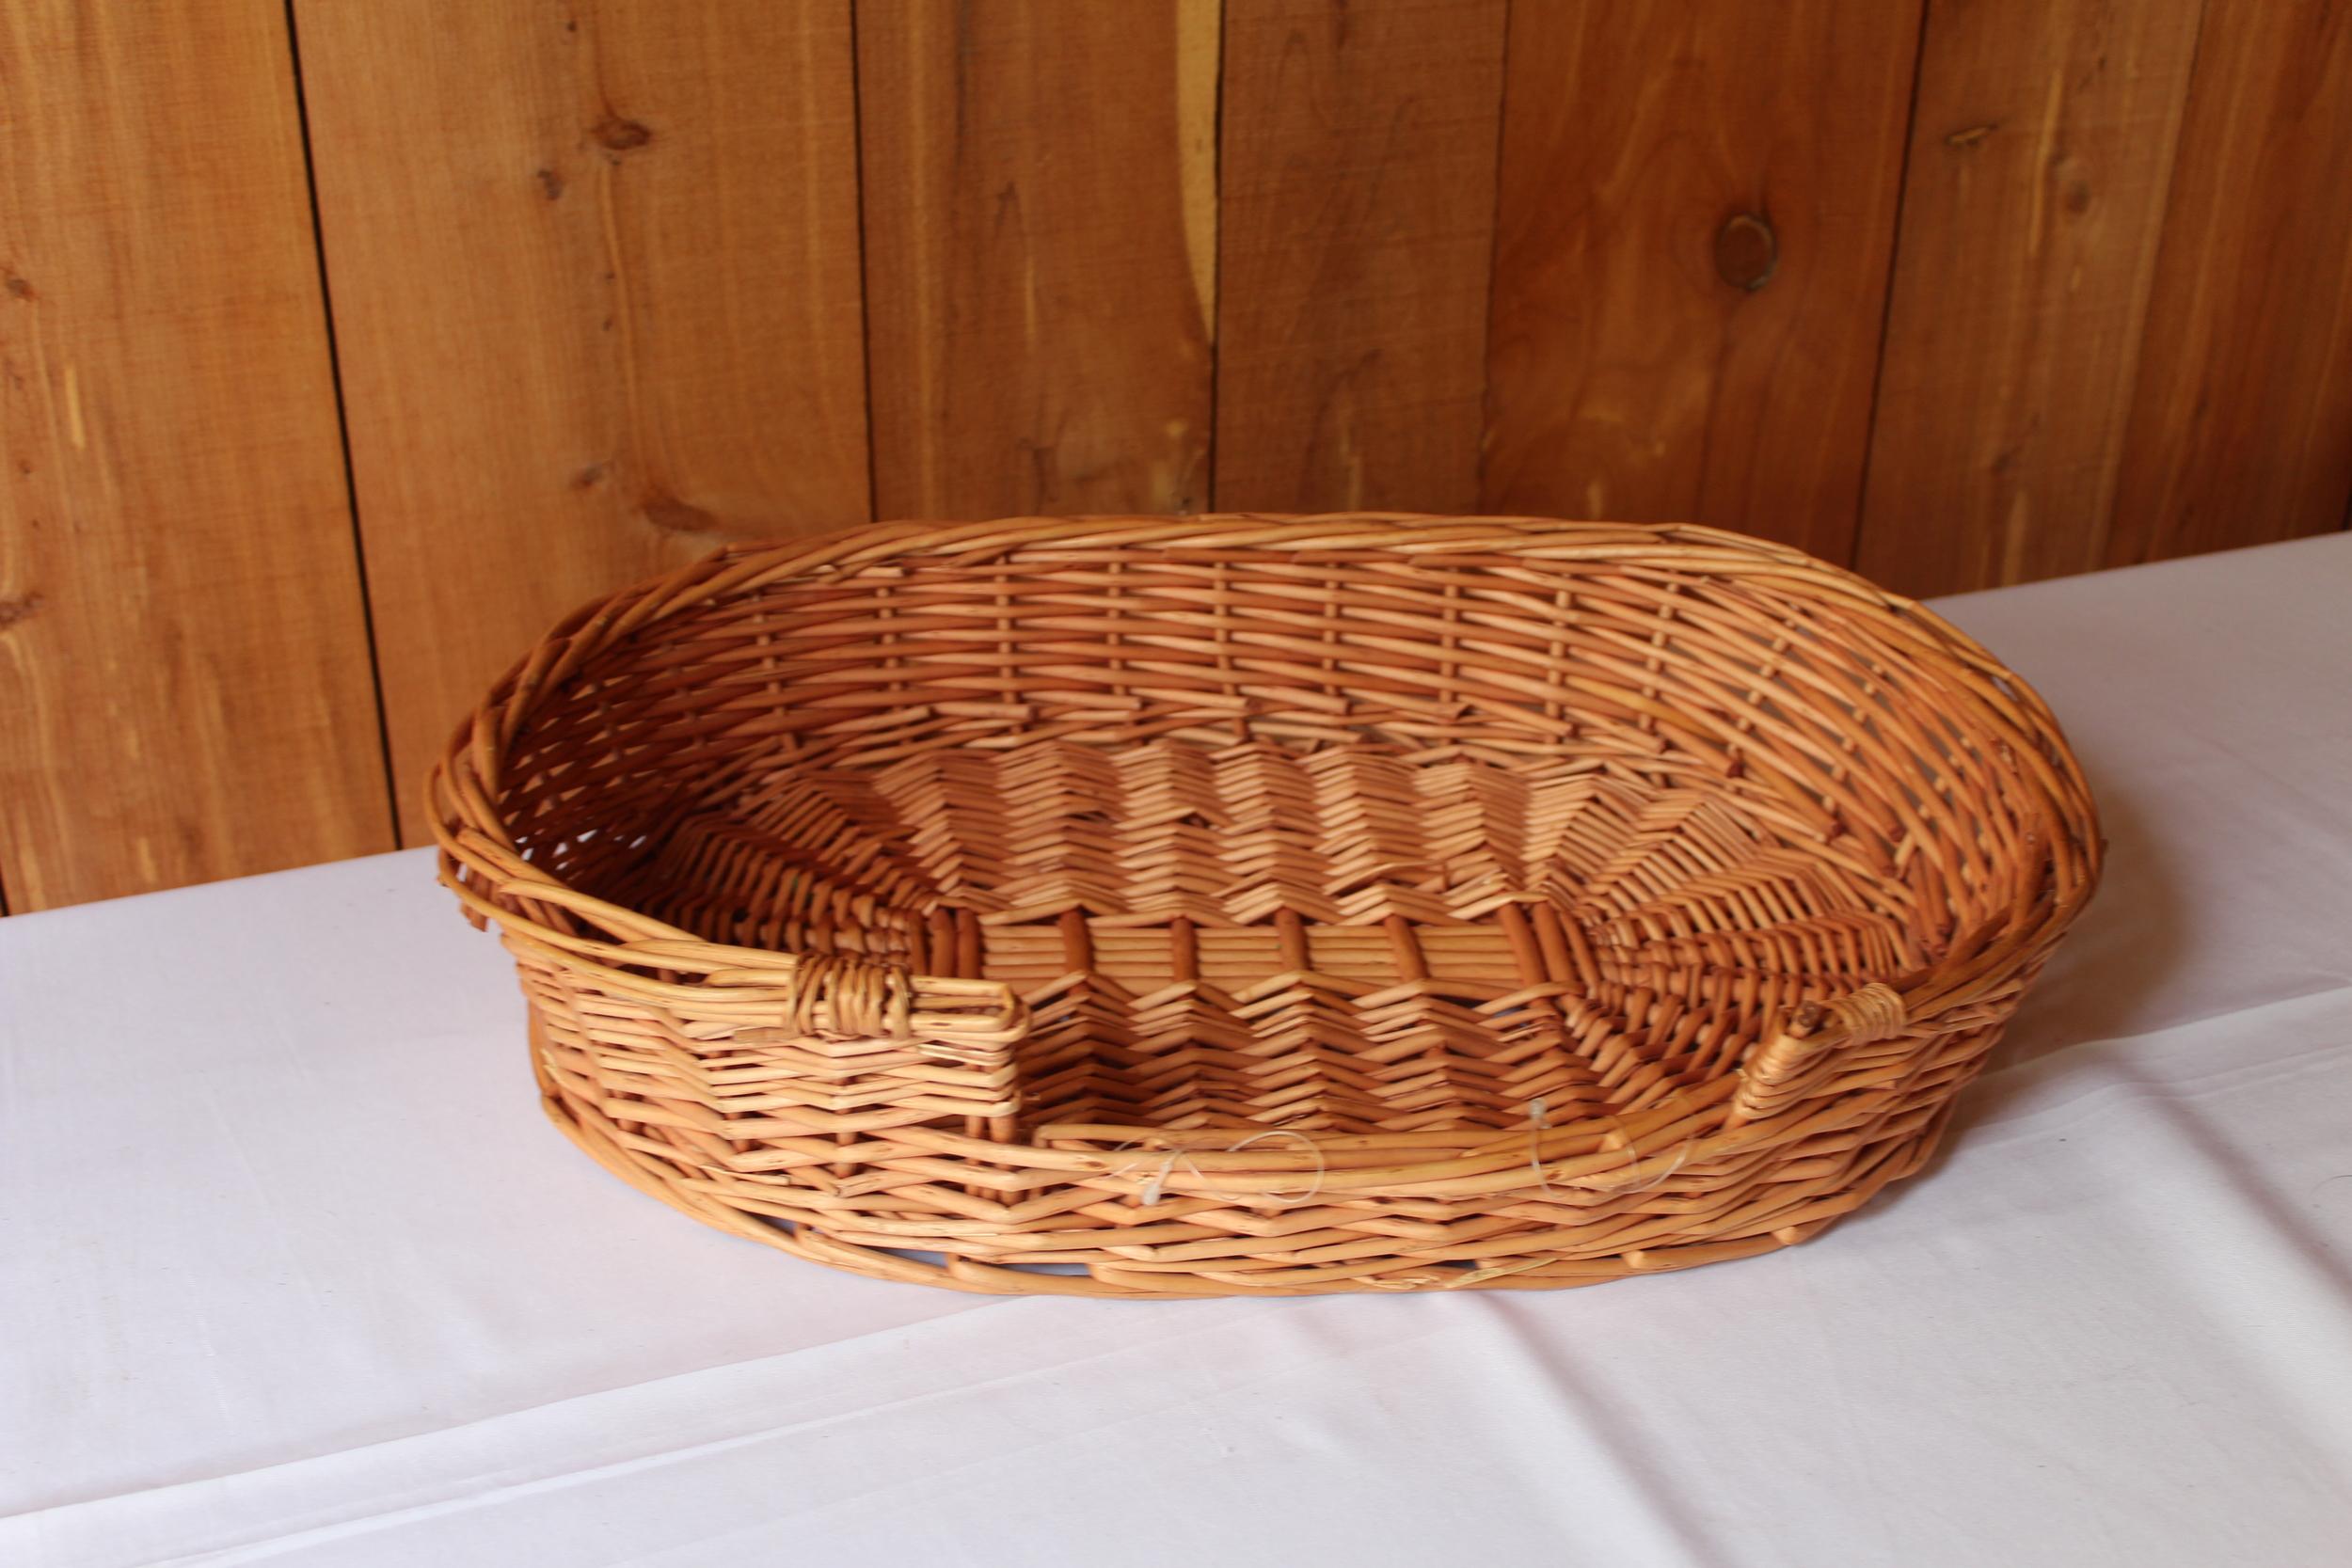 #74 - Flat Wicker Basket